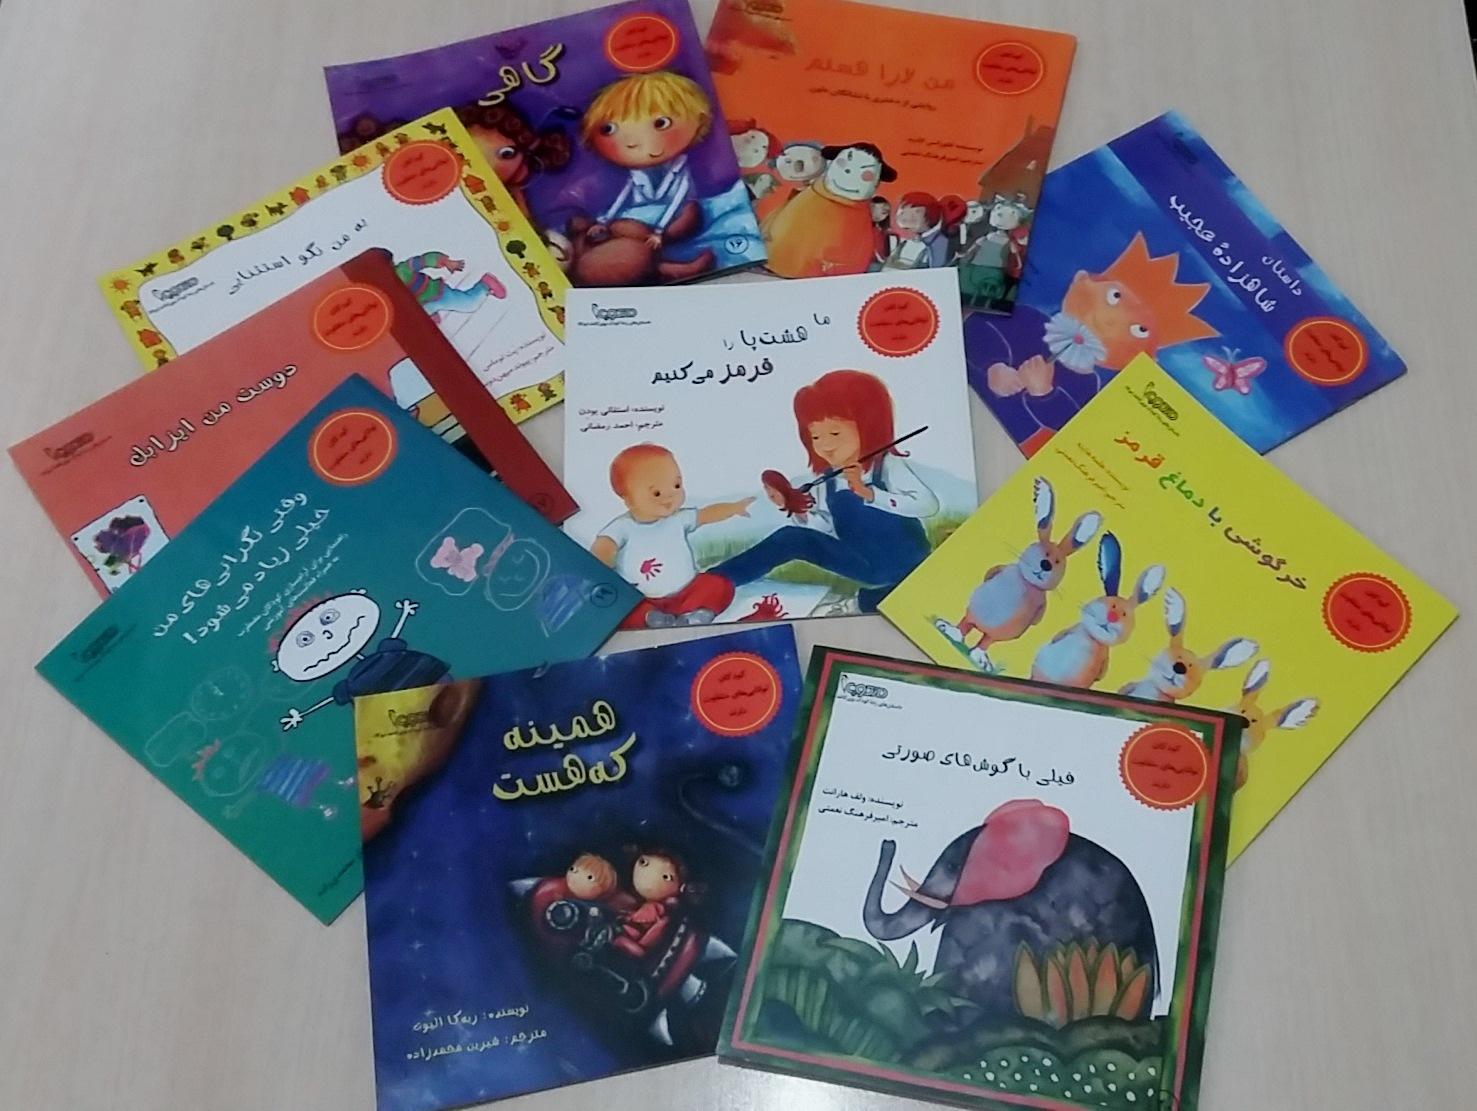 فهرست کتابهای جدید کودک ونوجوان از مجموعه دارکوب با محوریت کودکان با نیازهای ویژه